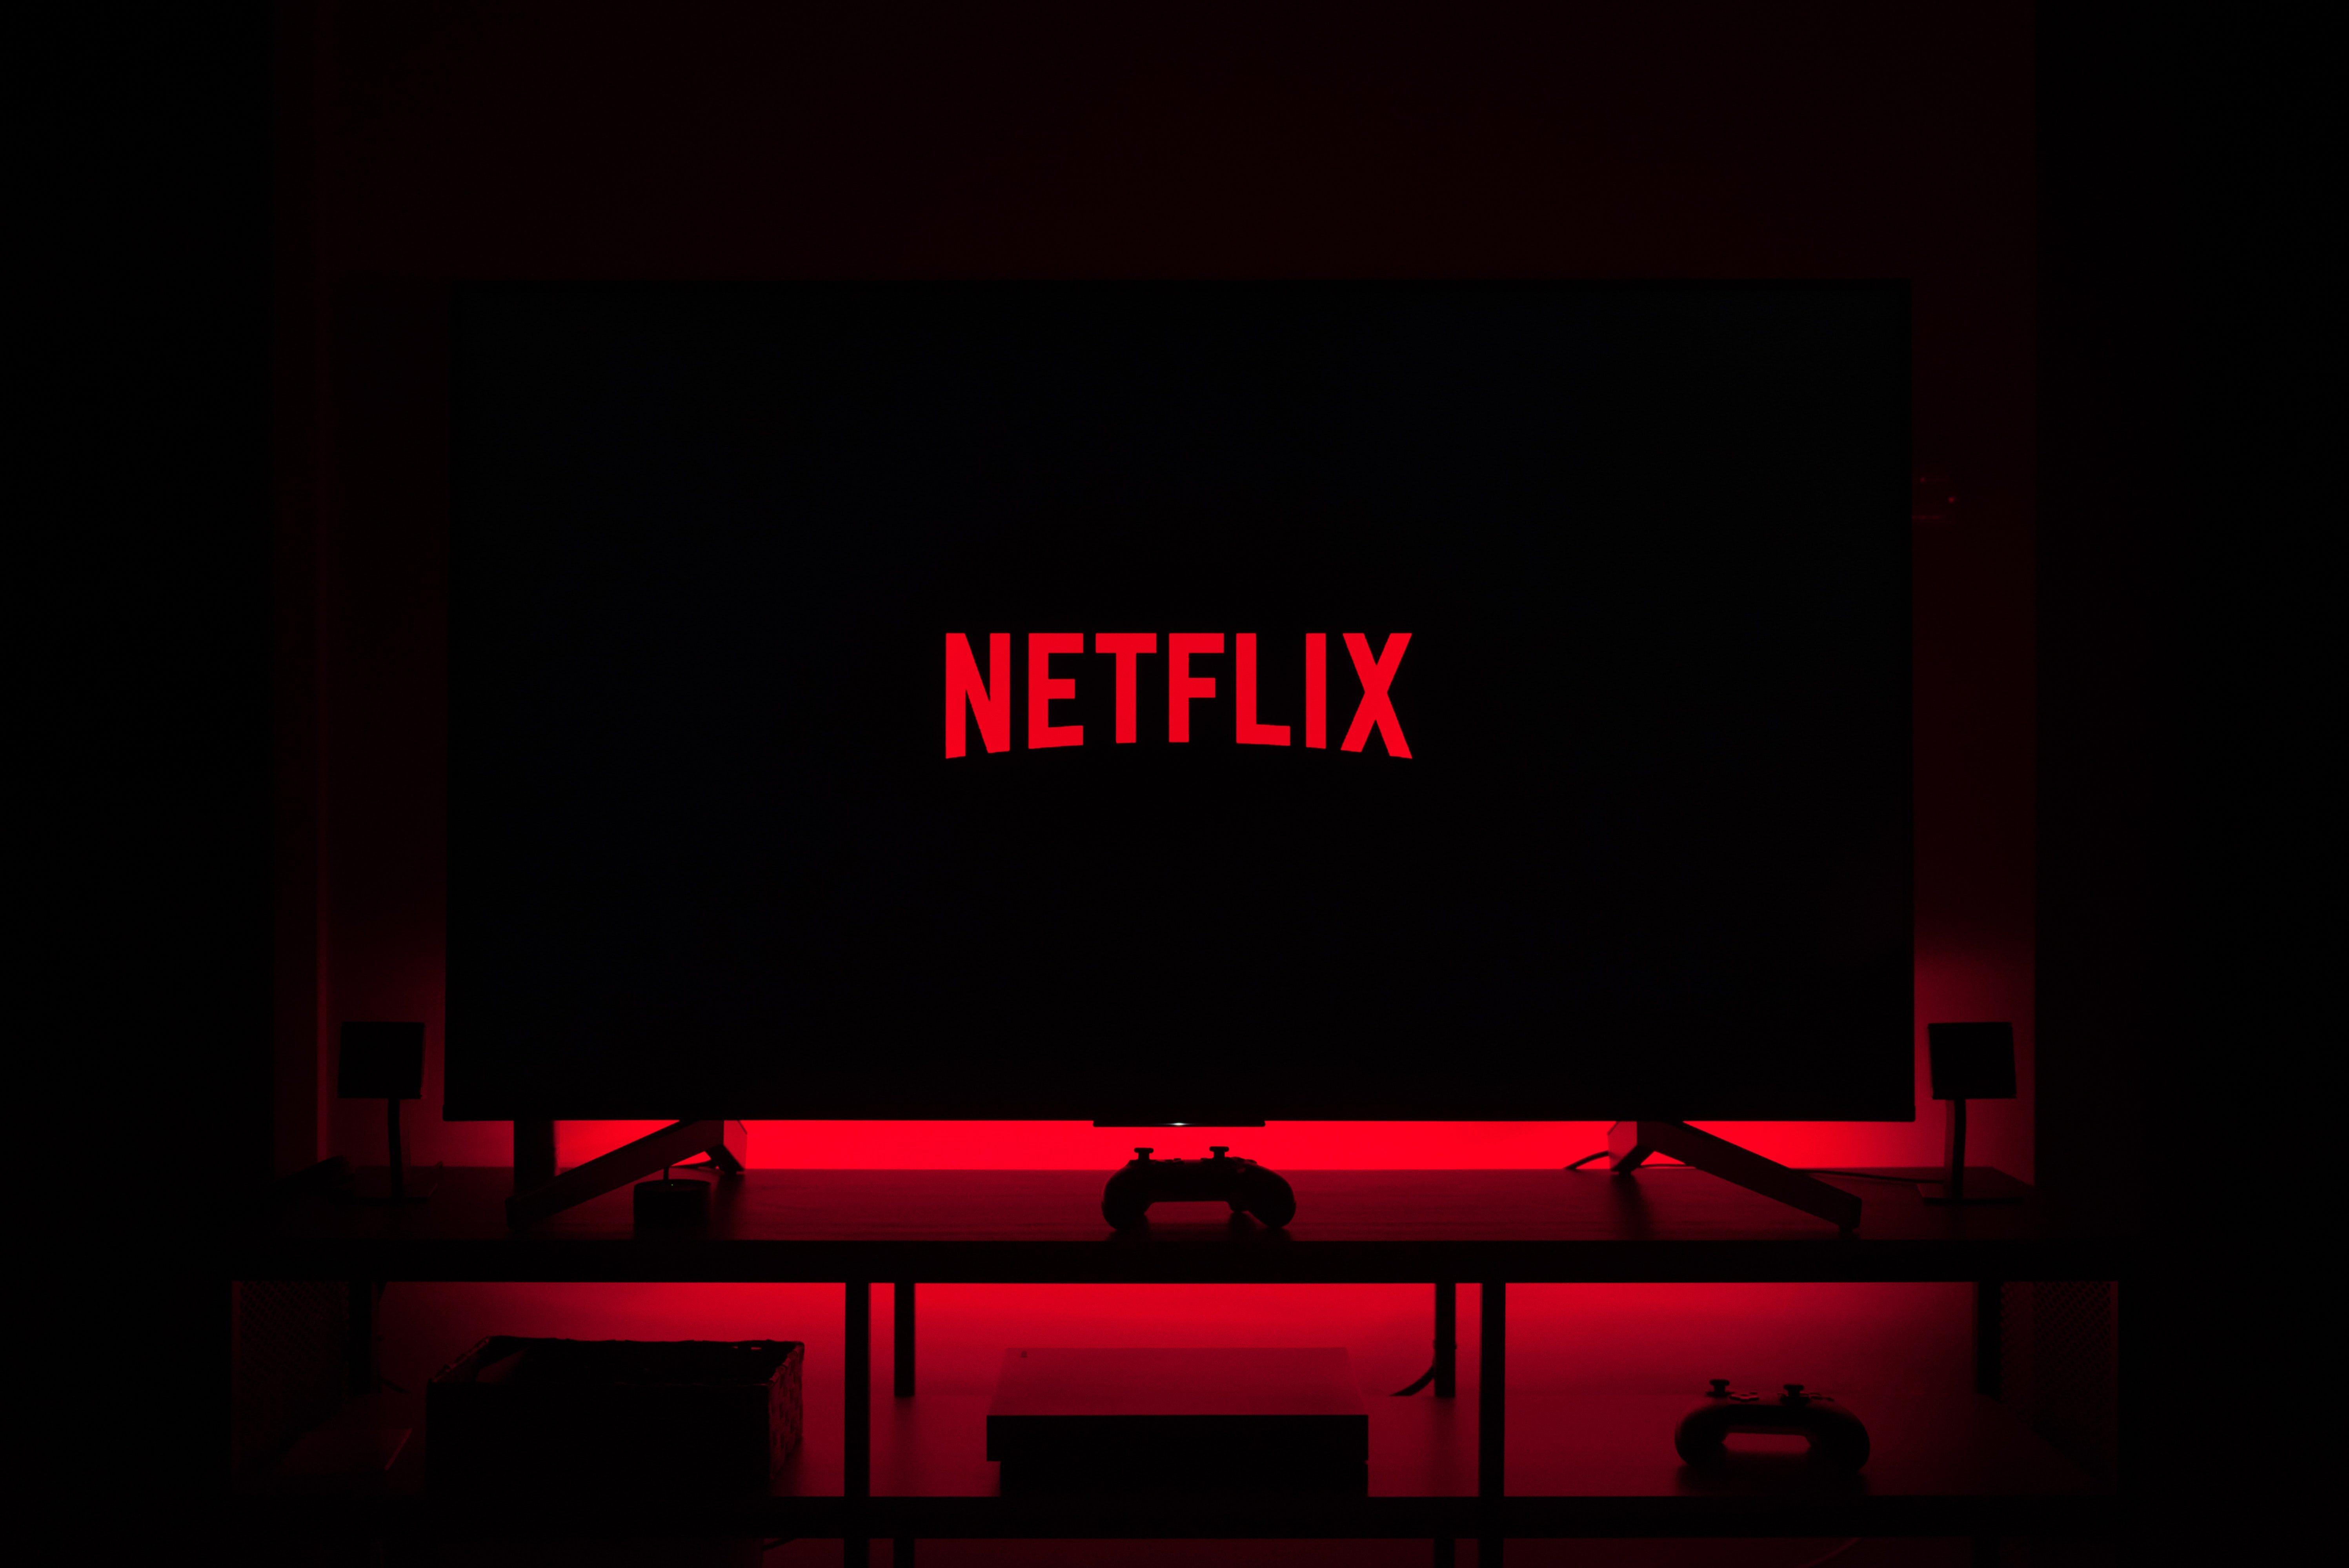 Rewolucja jest pomysłem – jak Netflix zmienił kulturę